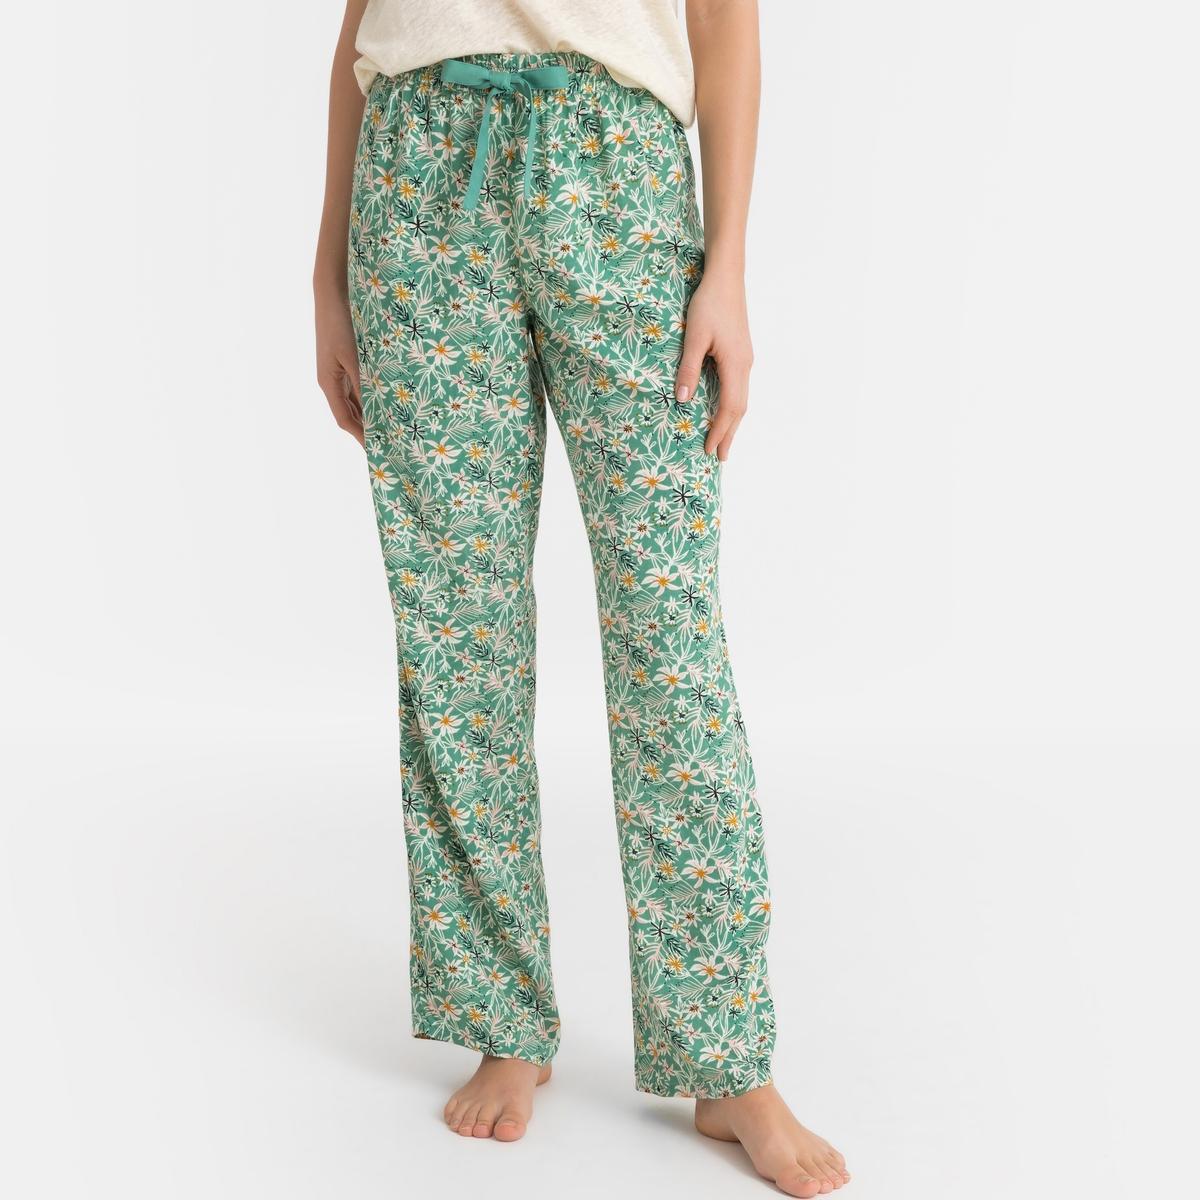 Брюки La Redoute От пижамы с цветочным рисунком 40 (FR) - 46 (RUS) зеленый юбка la redoute короткая с завышенной талией и цветочным рисунком xs зеленый